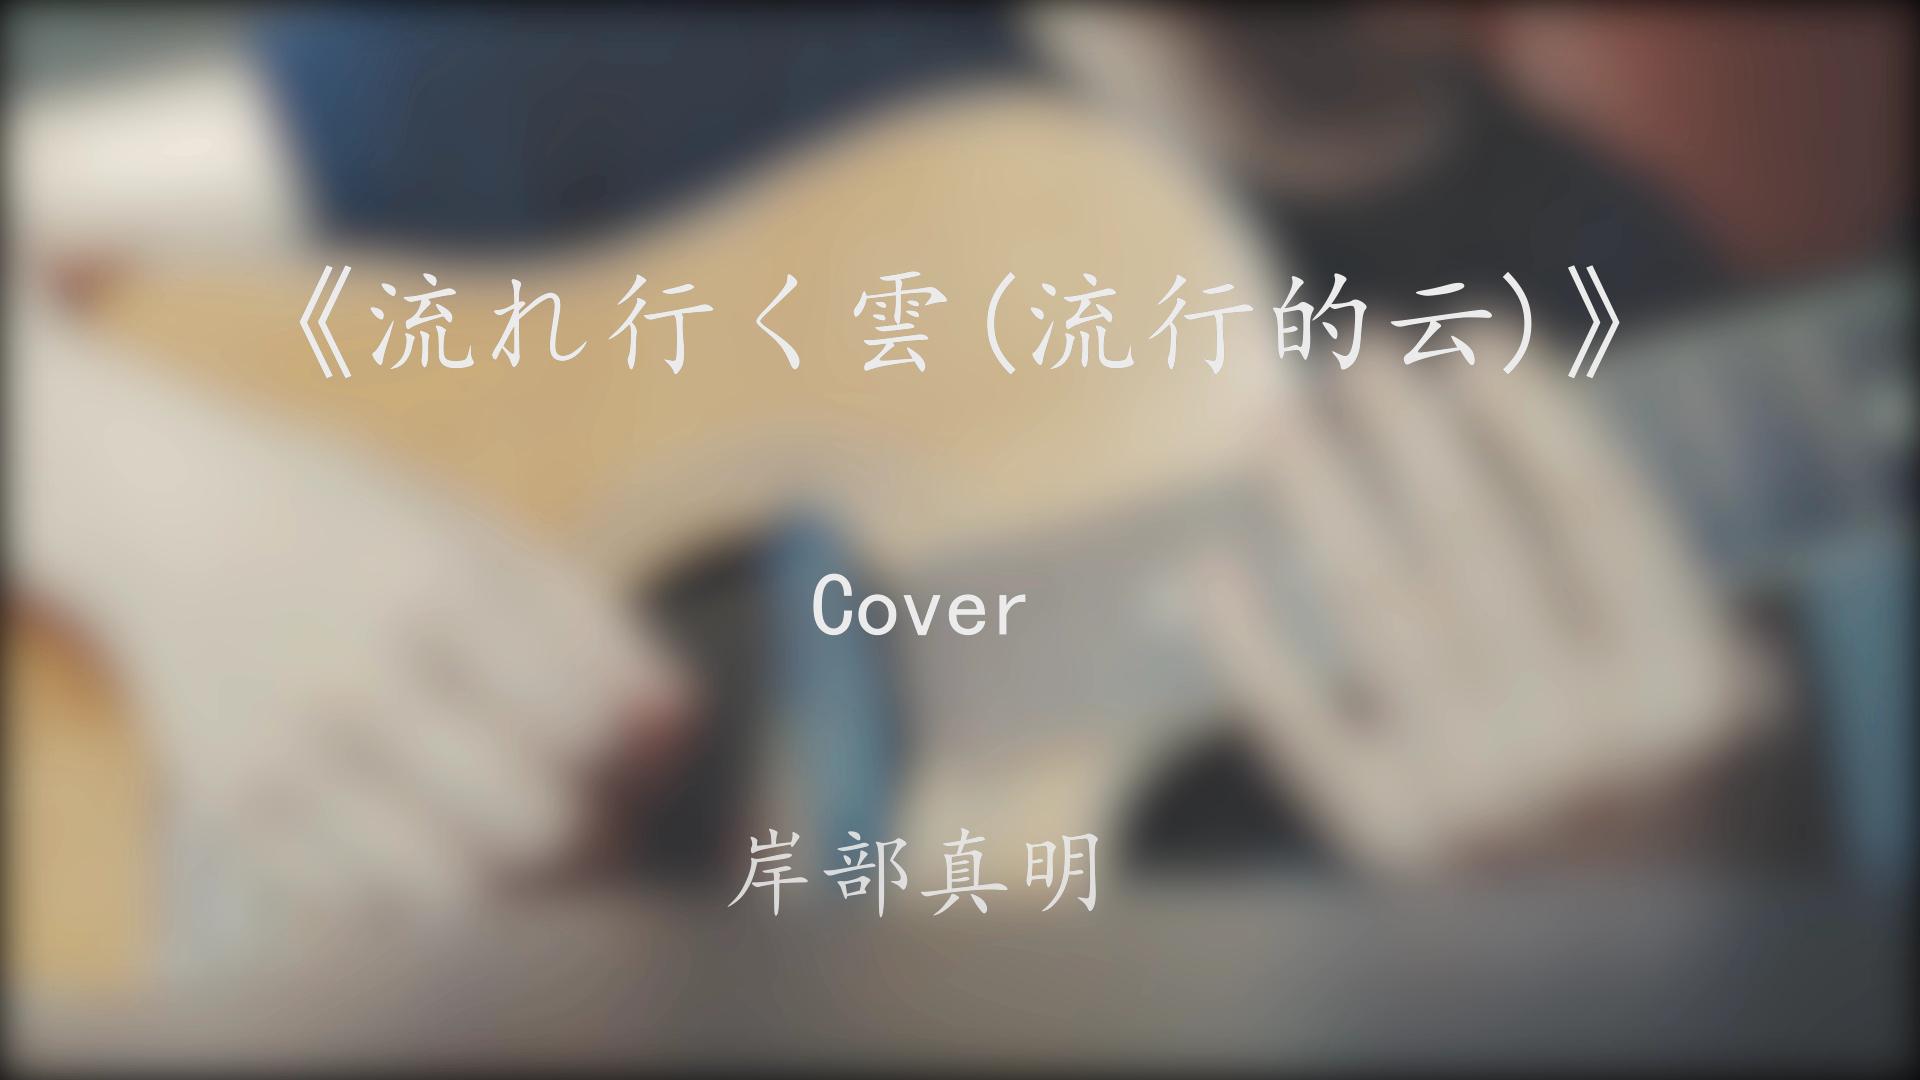 【吉他指弹】《流行的云》 cover 岸部真明